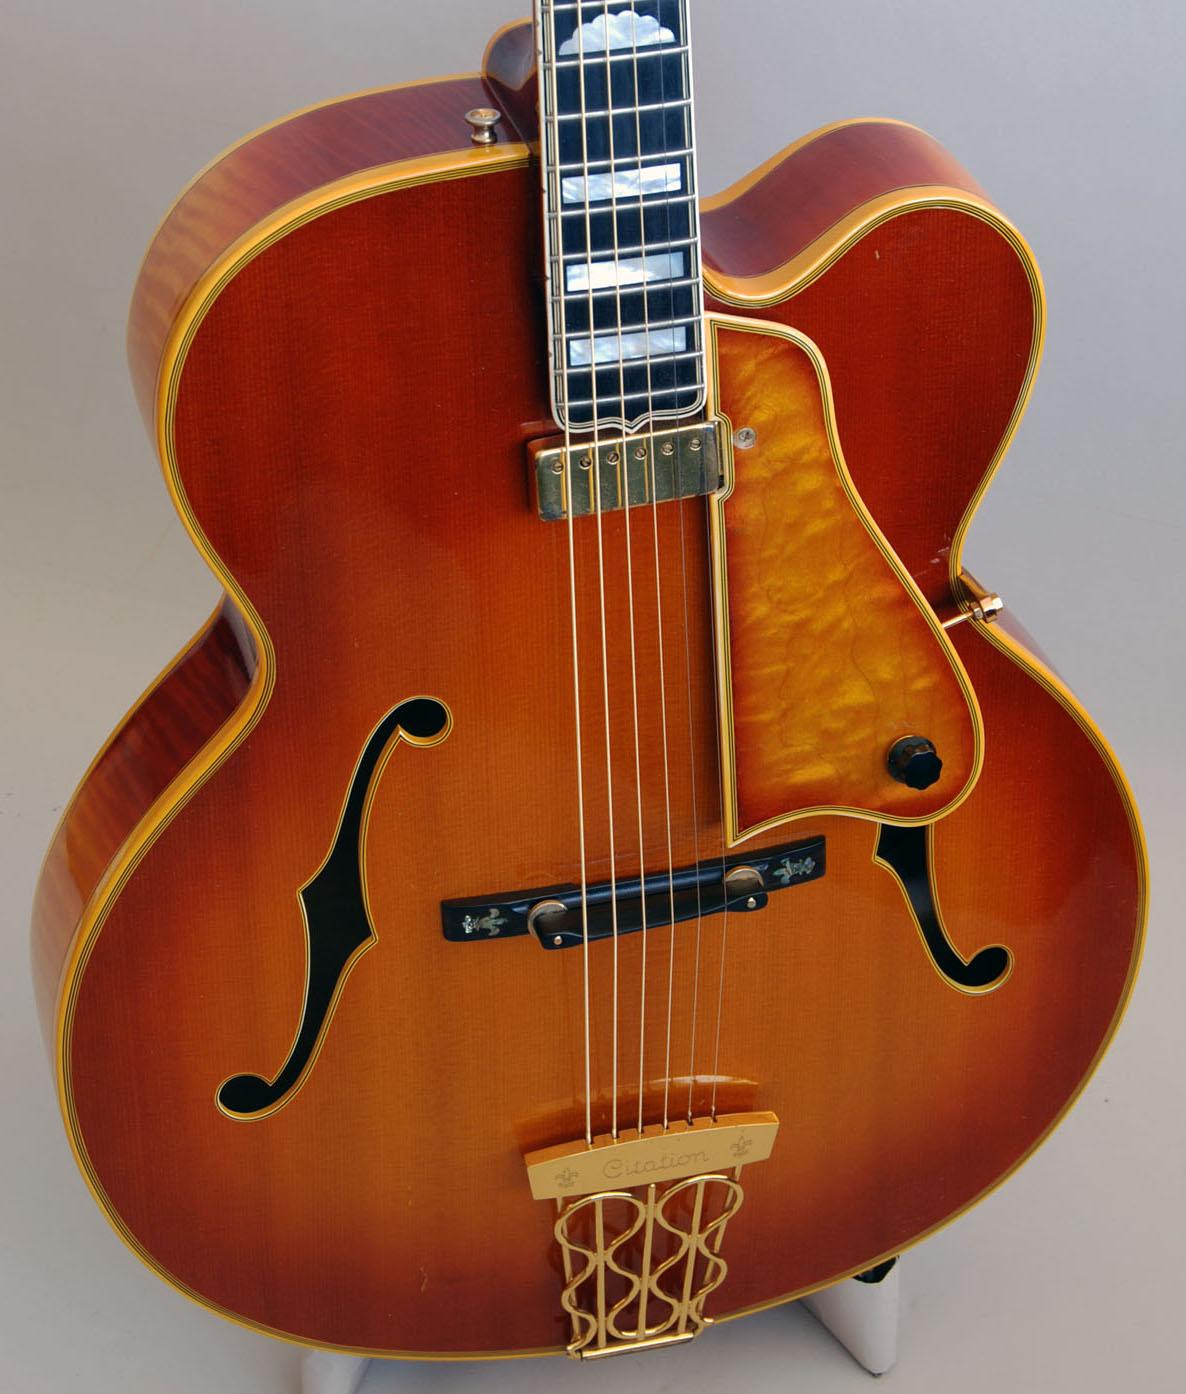 gibson citation guitar for sale. Black Bedroom Furniture Sets. Home Design Ideas